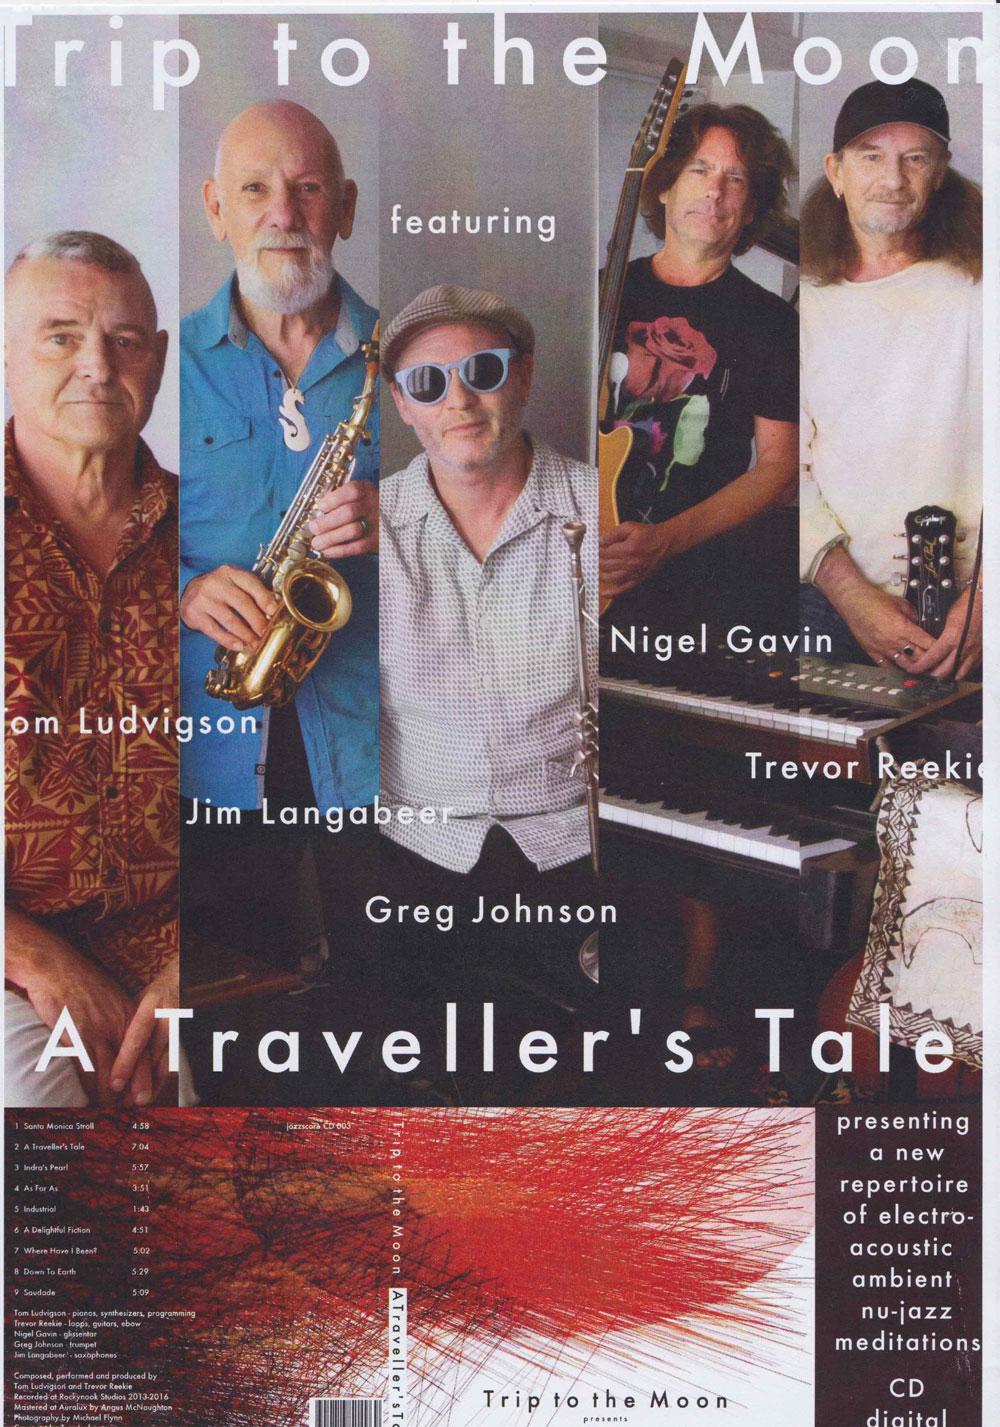 Trip To The Moon  With Tom Ludvigson, Trevor Reekie, Nigel Gavin, Jim Langabeer